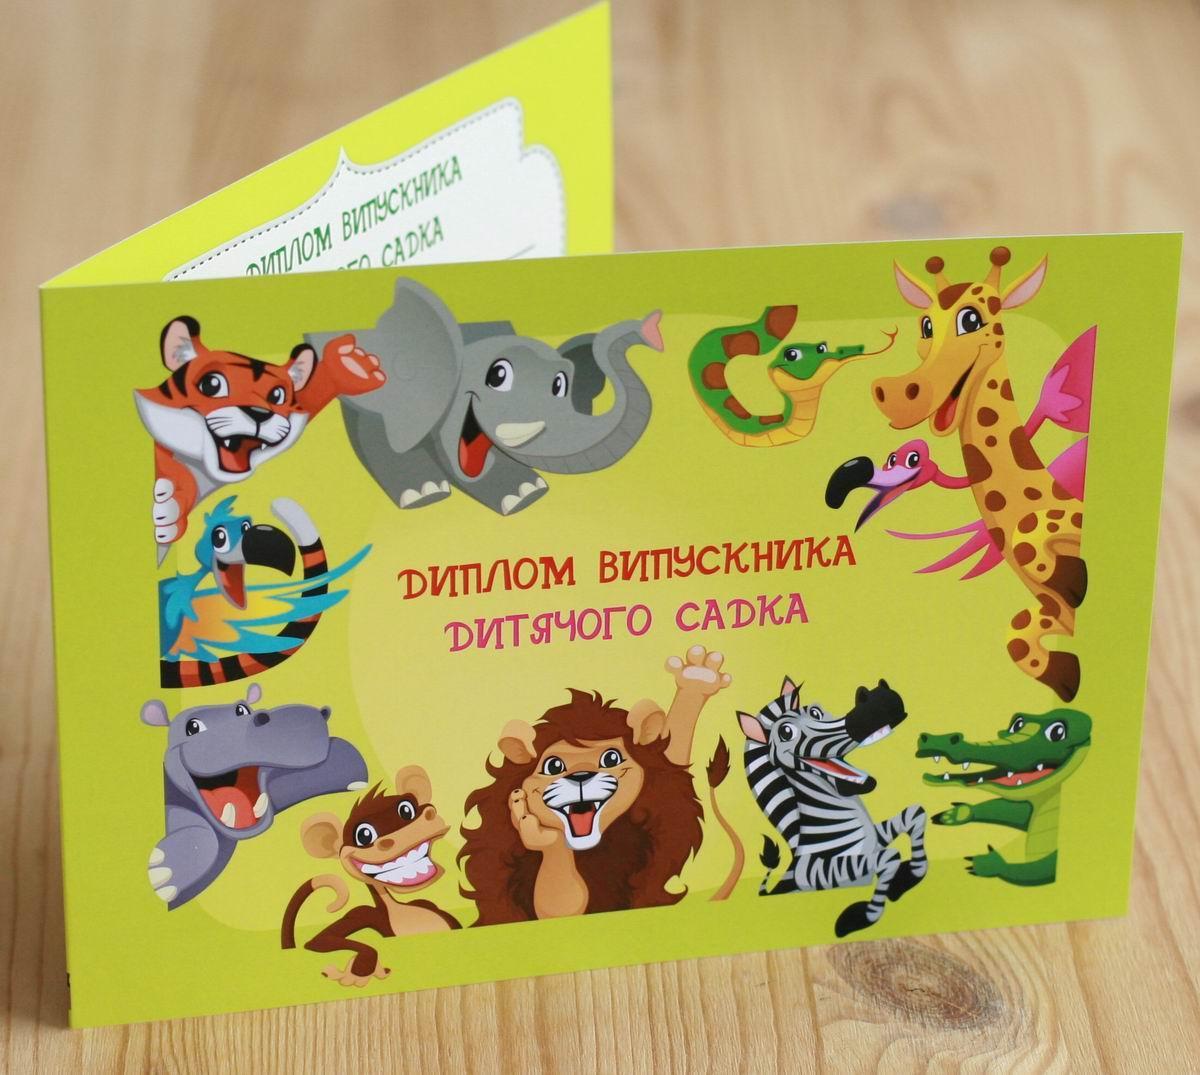 Диплом-открытка выпускника детского сада, Детские звери